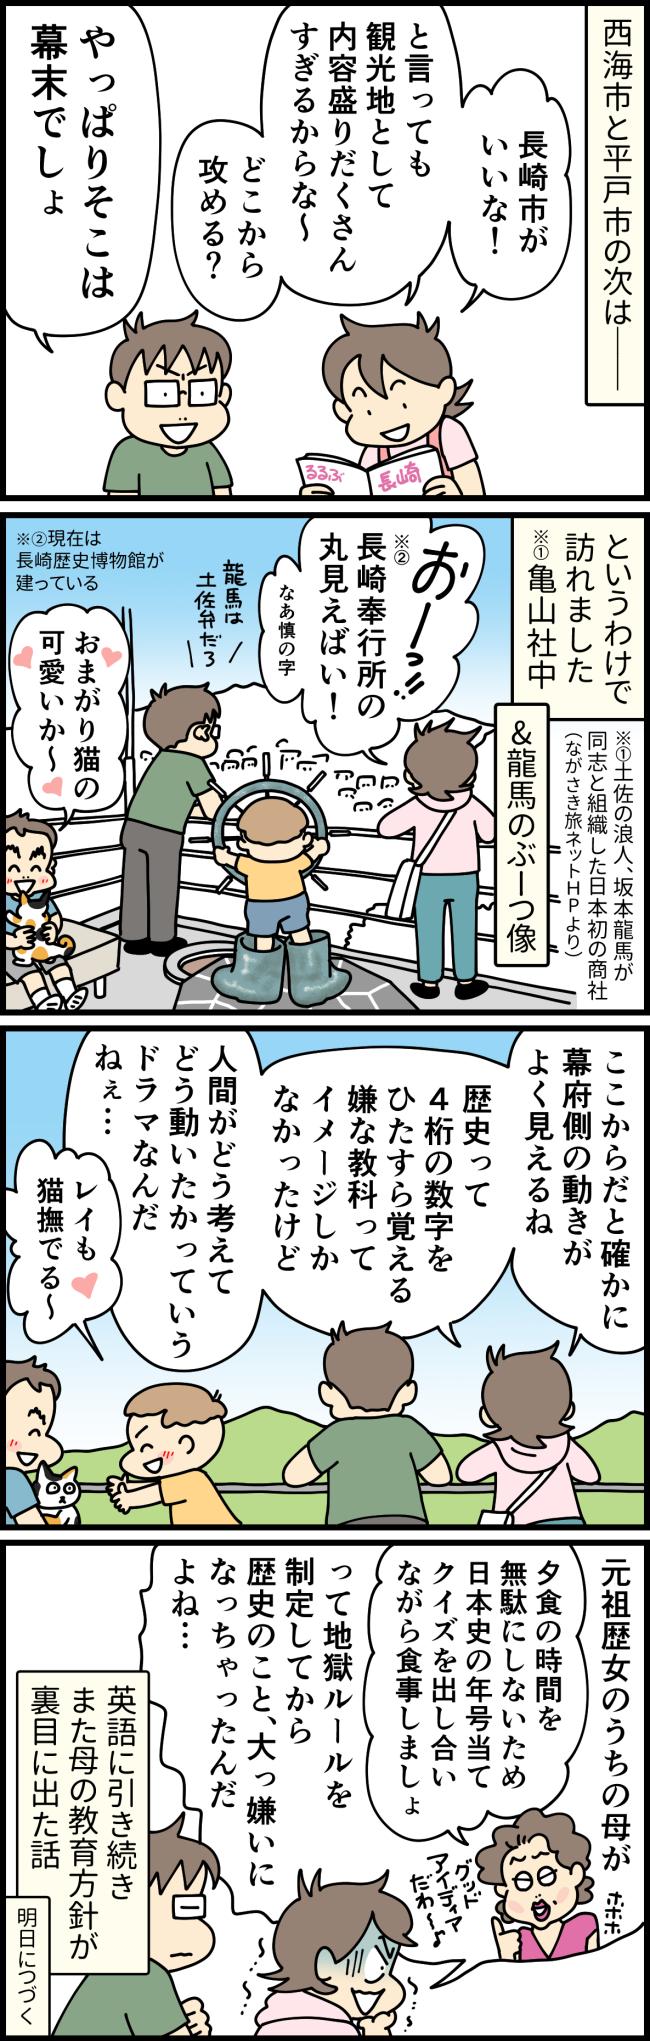 長崎市の亀山社中記念館や龍馬のぶーつ像を訪れる大原さんち